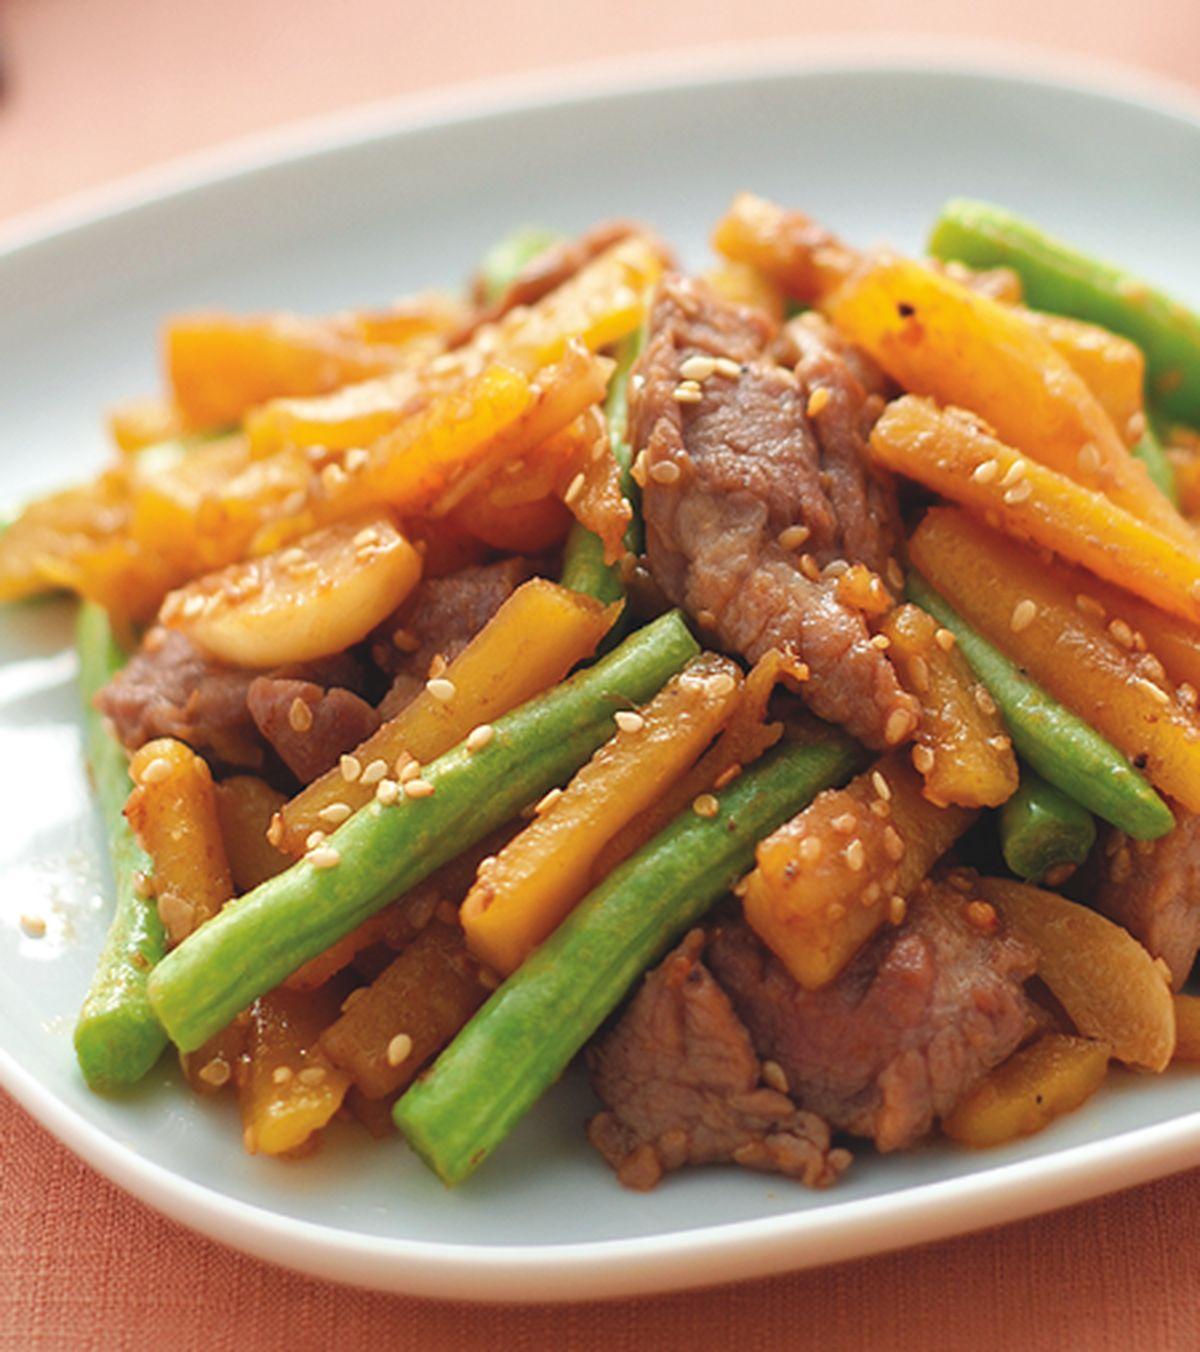 食譜:芝麻地瓜燒梅肉